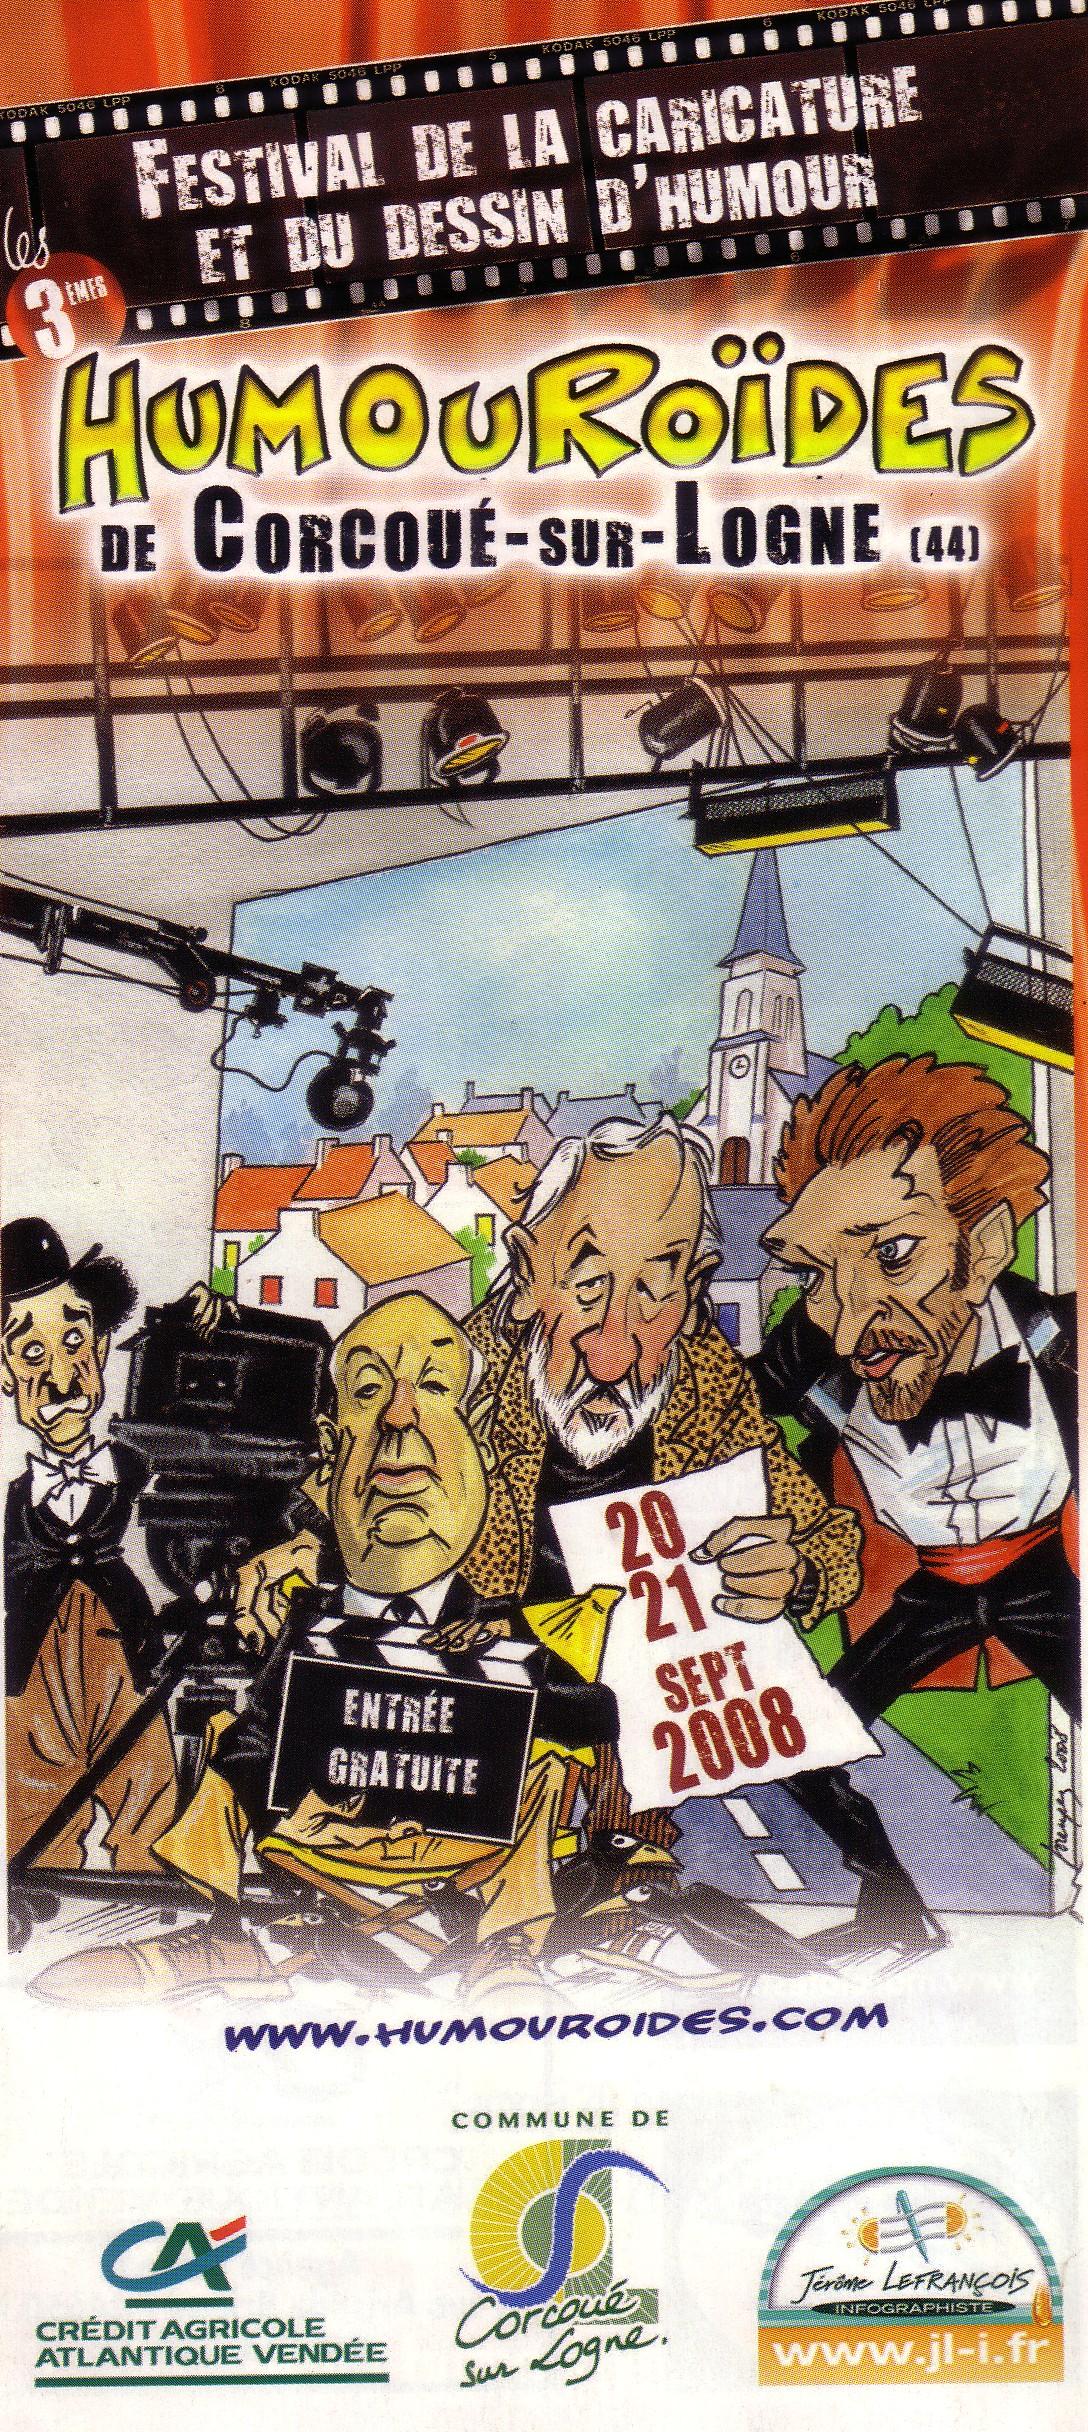 Il a également créé les Humoroïdes, festival de la caricature et du dessin de presse à Corcoué-sur-Logne, où il a vécu de 1996 à 2008.